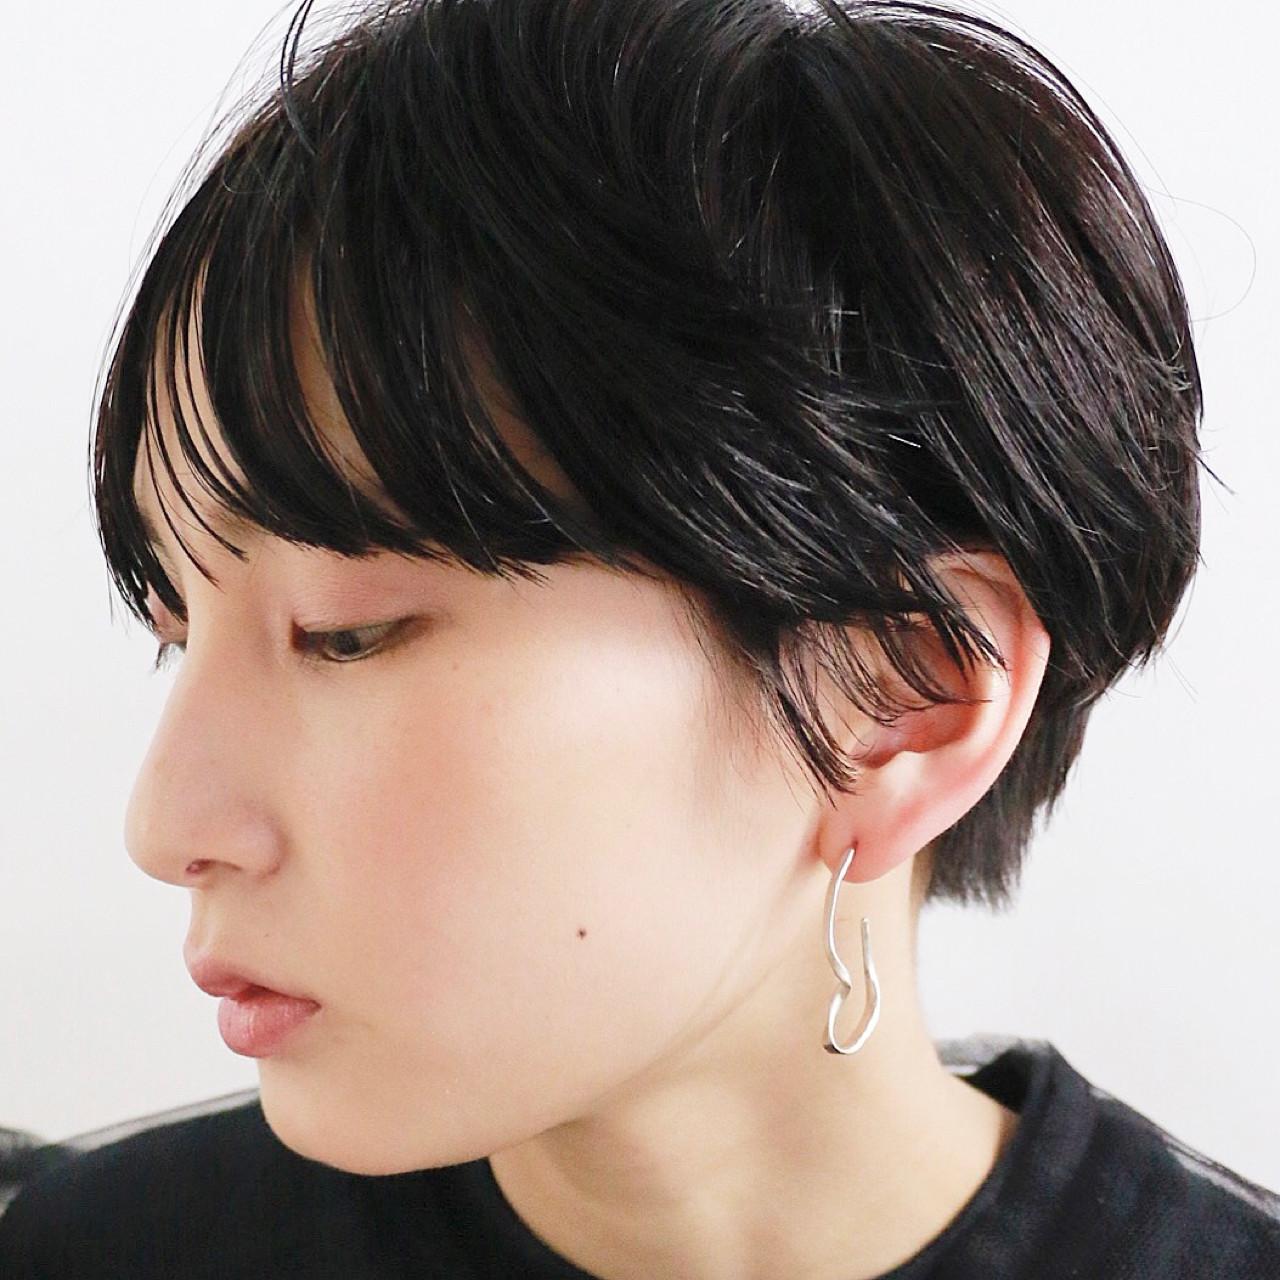 黒髪 ショート モード マッシュ ヘアスタイルや髪型の写真・画像